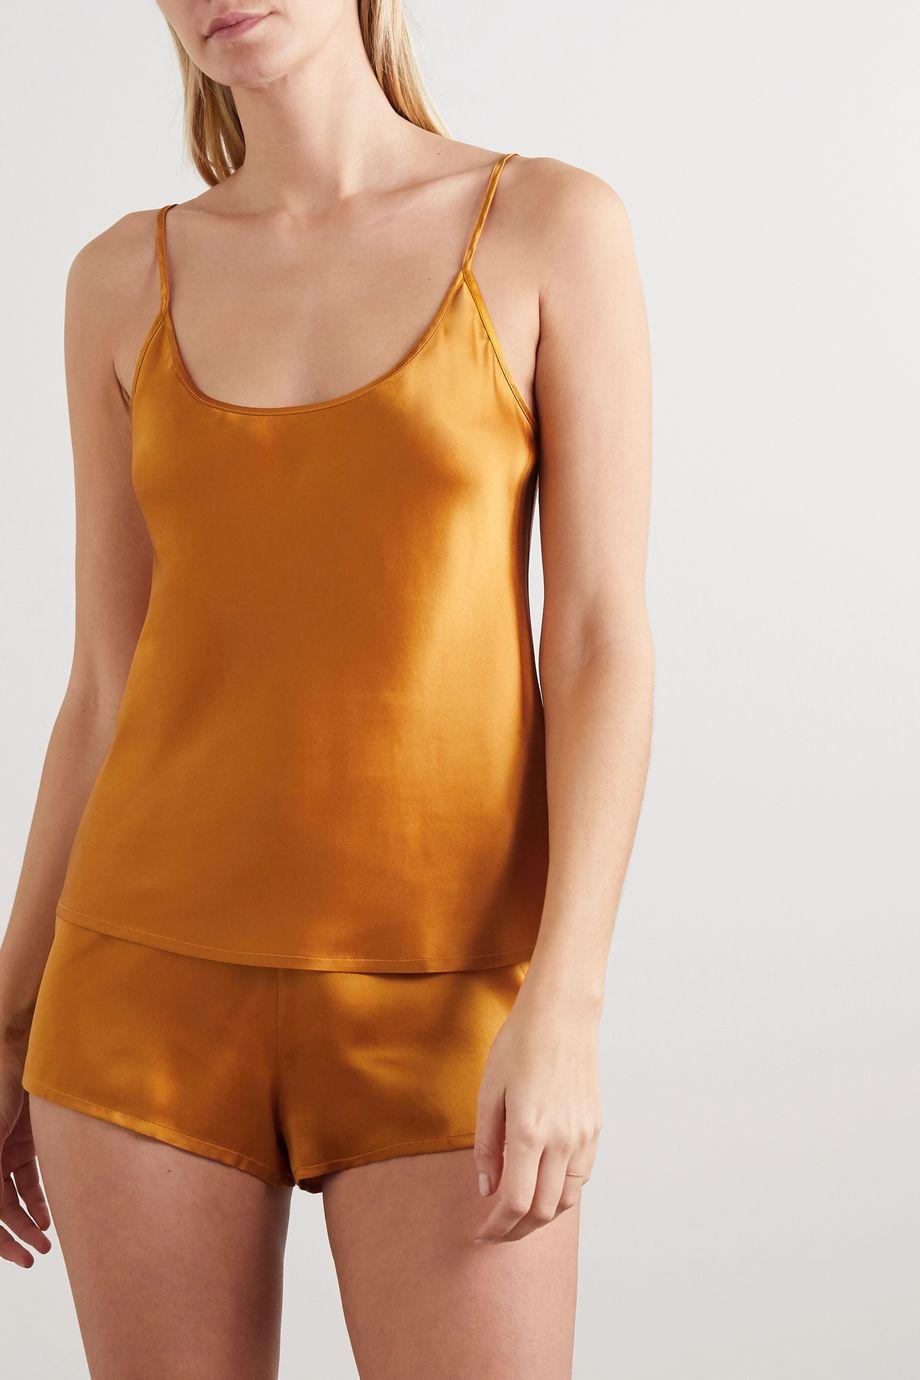 La Perla 丝缎睡衣套装